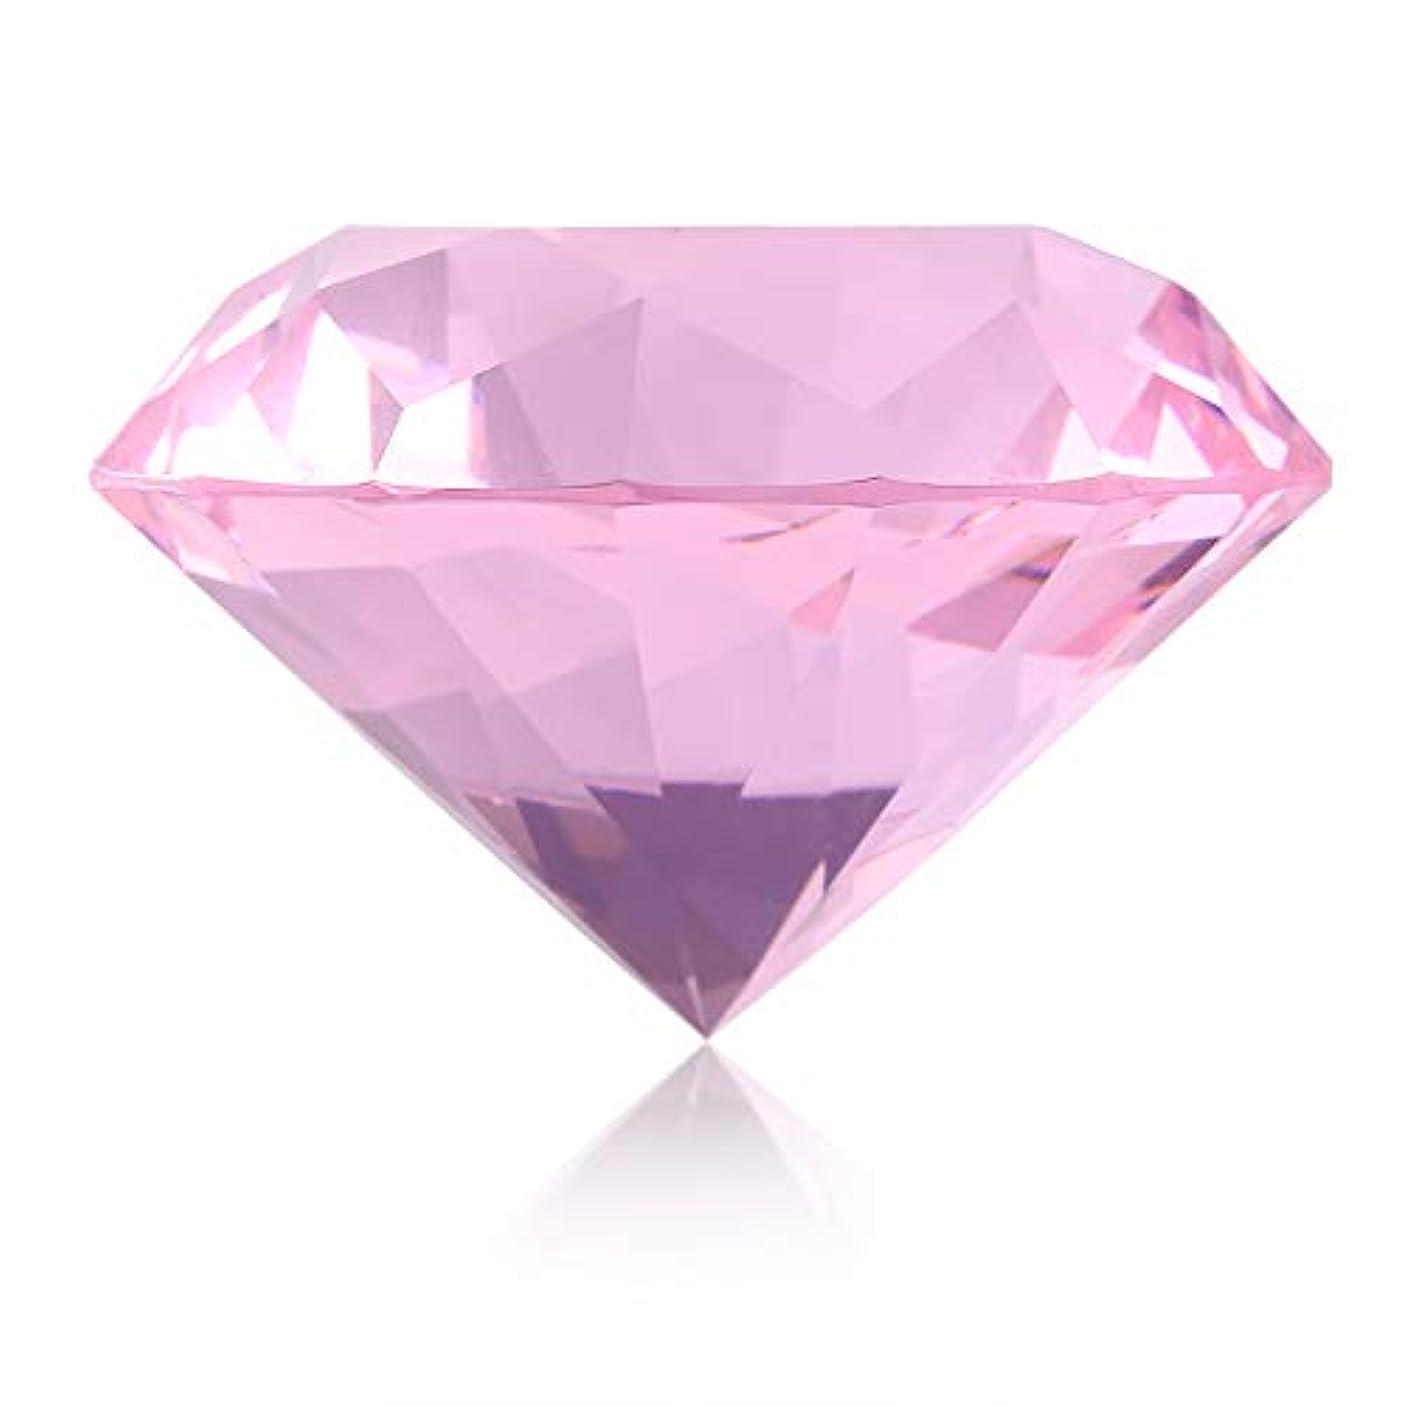 犠牲シリーズ形ネイルチップスタンド スタンドベース ネイルアートディスプレイ ガラス クリスタル ダイヤモンド 撮影道具 モデル ネイルチップホルダー (ピンク)